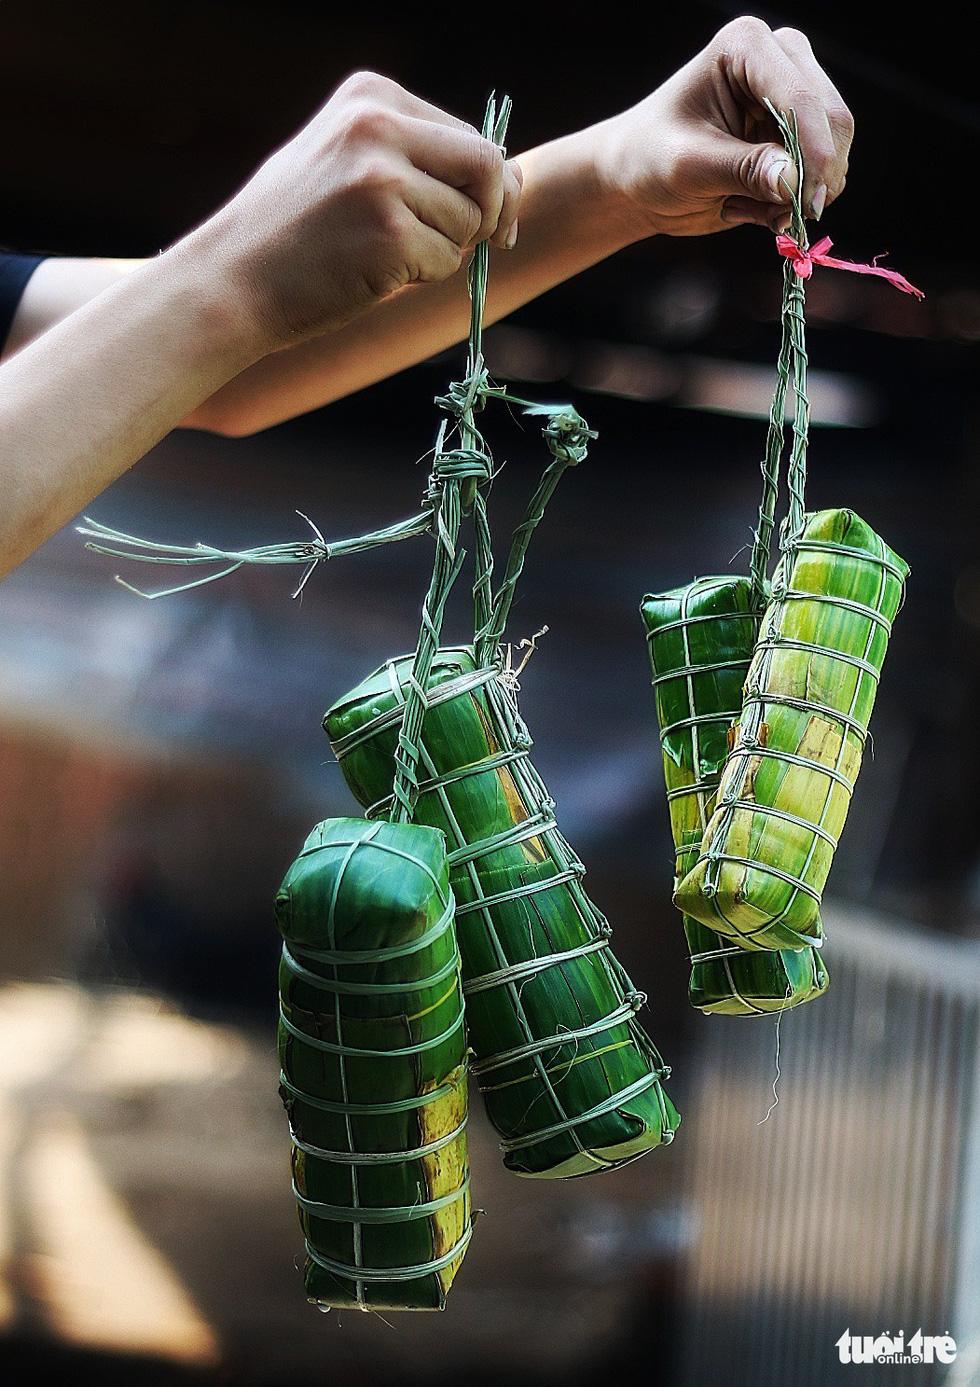 Sài Gòn chiều cuối năm hun hút khói bếp nấu bánh tét cúng giỗ ông bà - Ảnh 9.